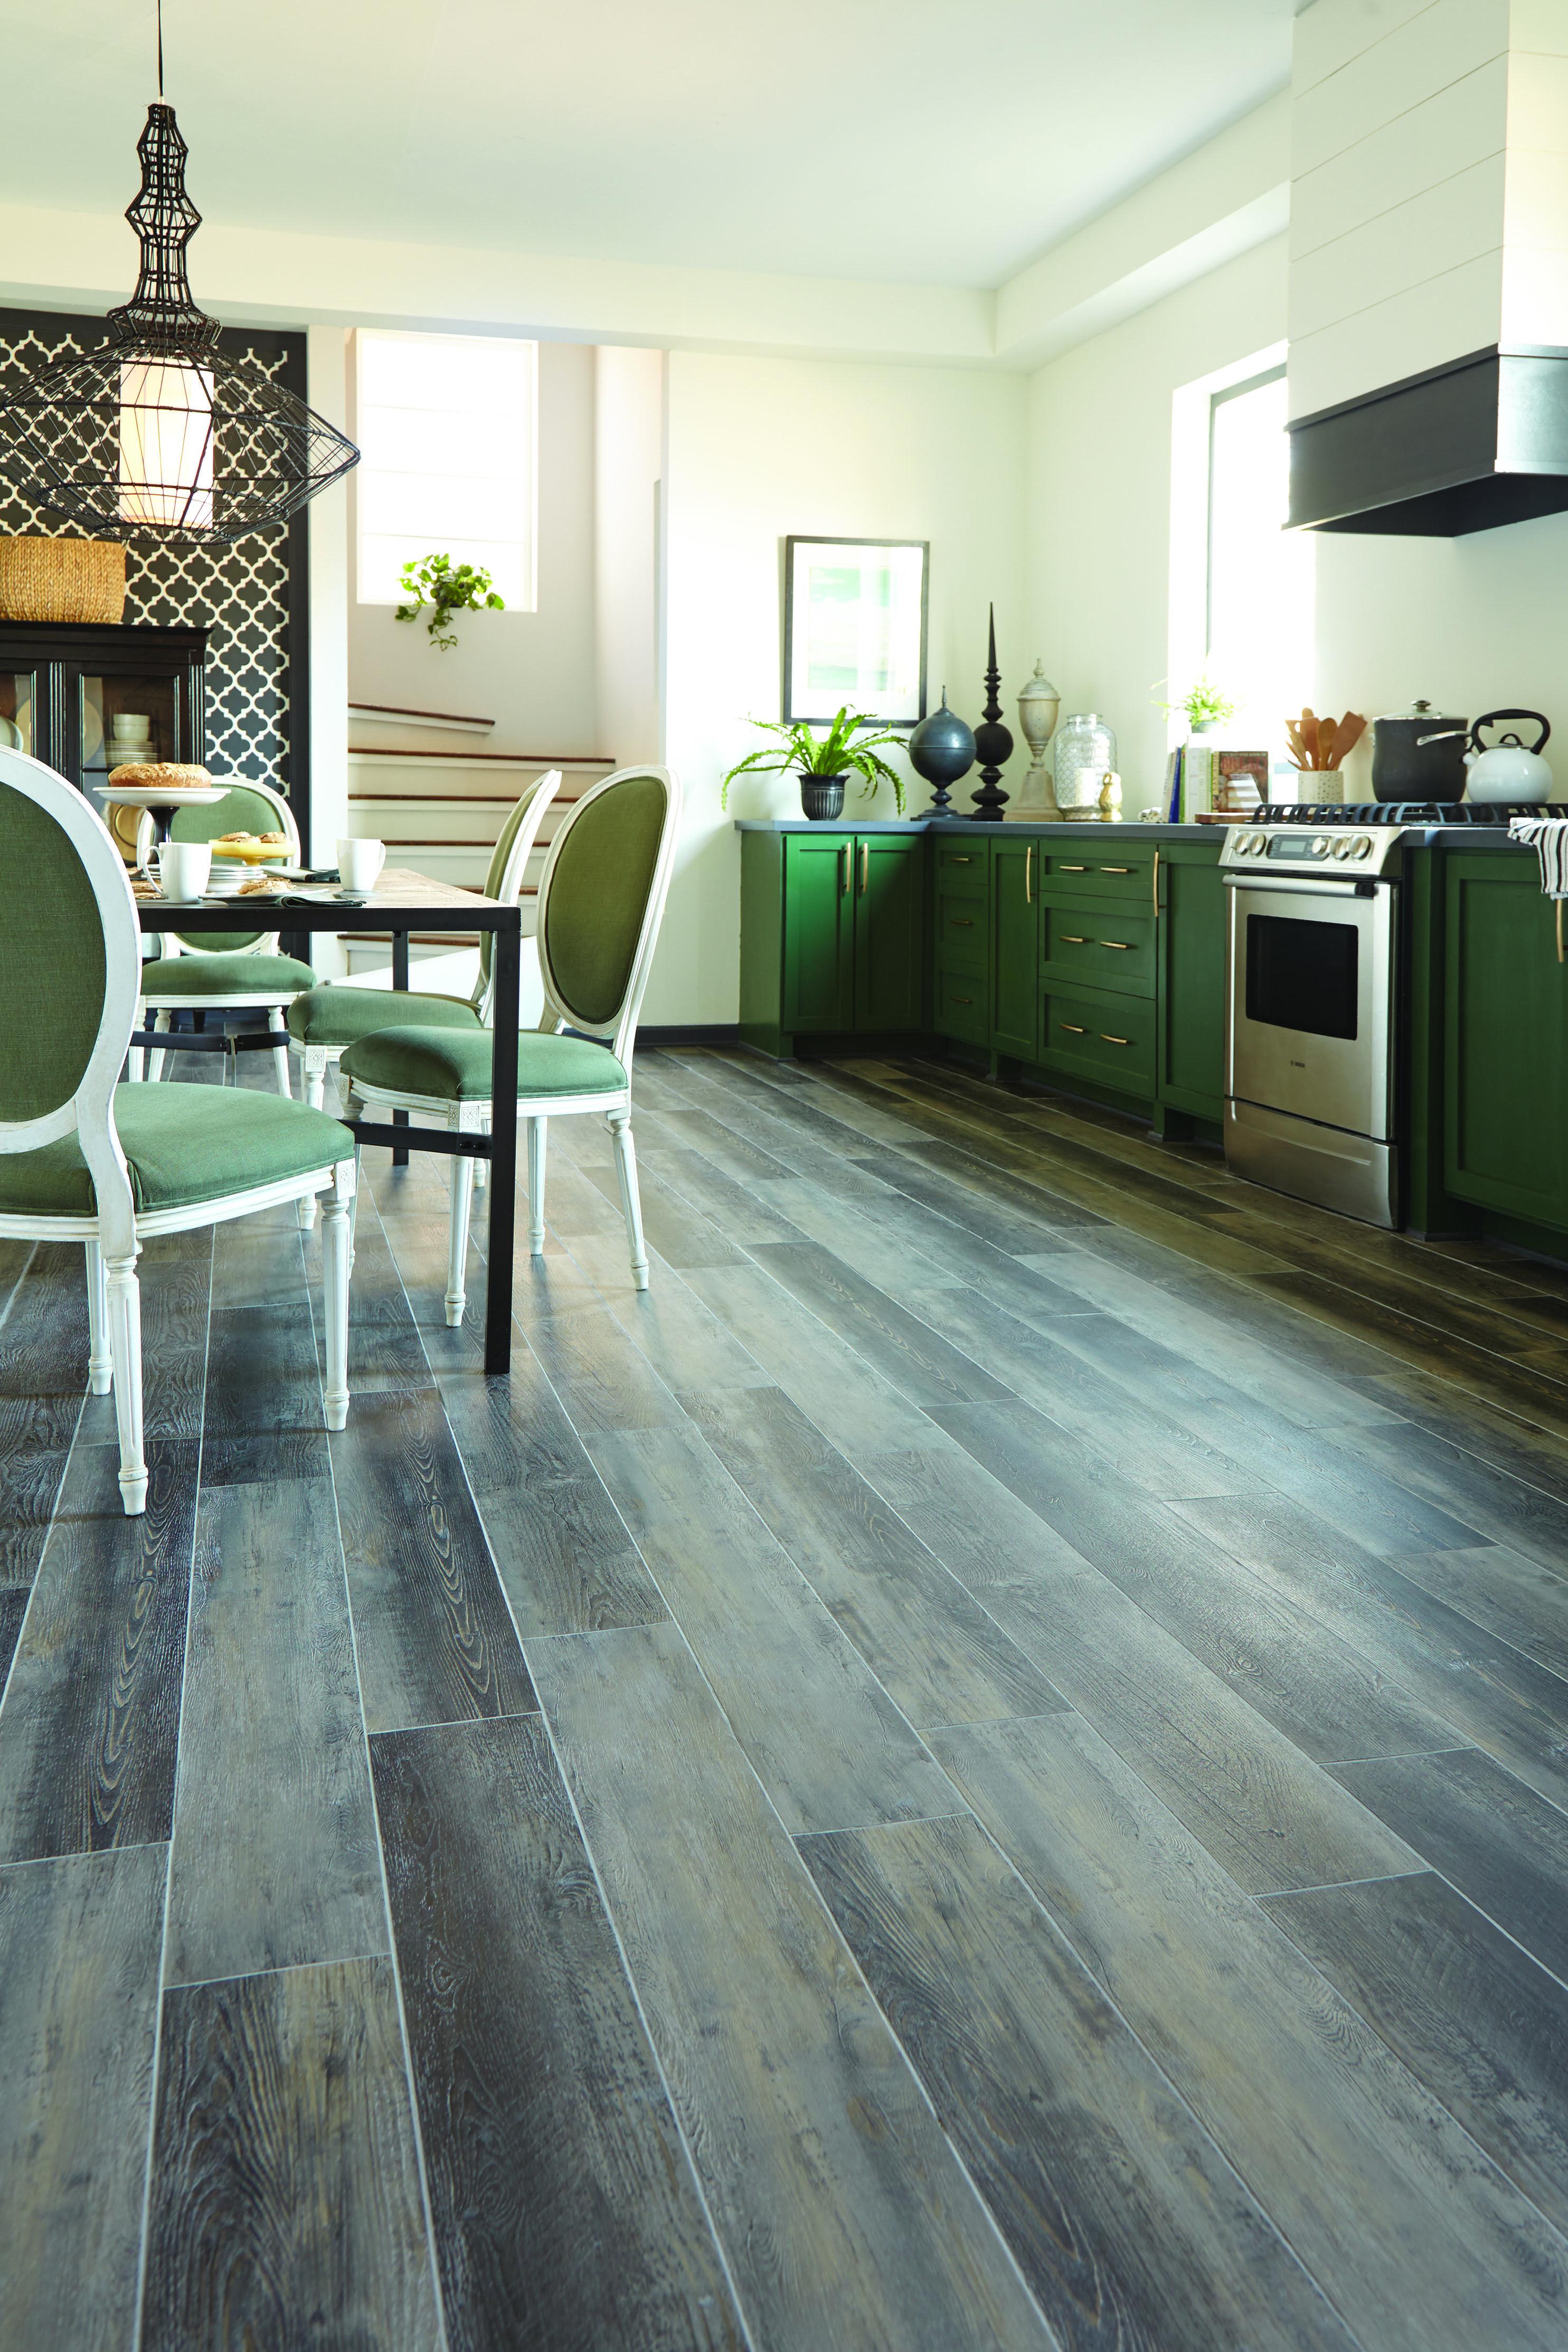 Stone Composite LVP Flooring in 2020 Lvp flooring